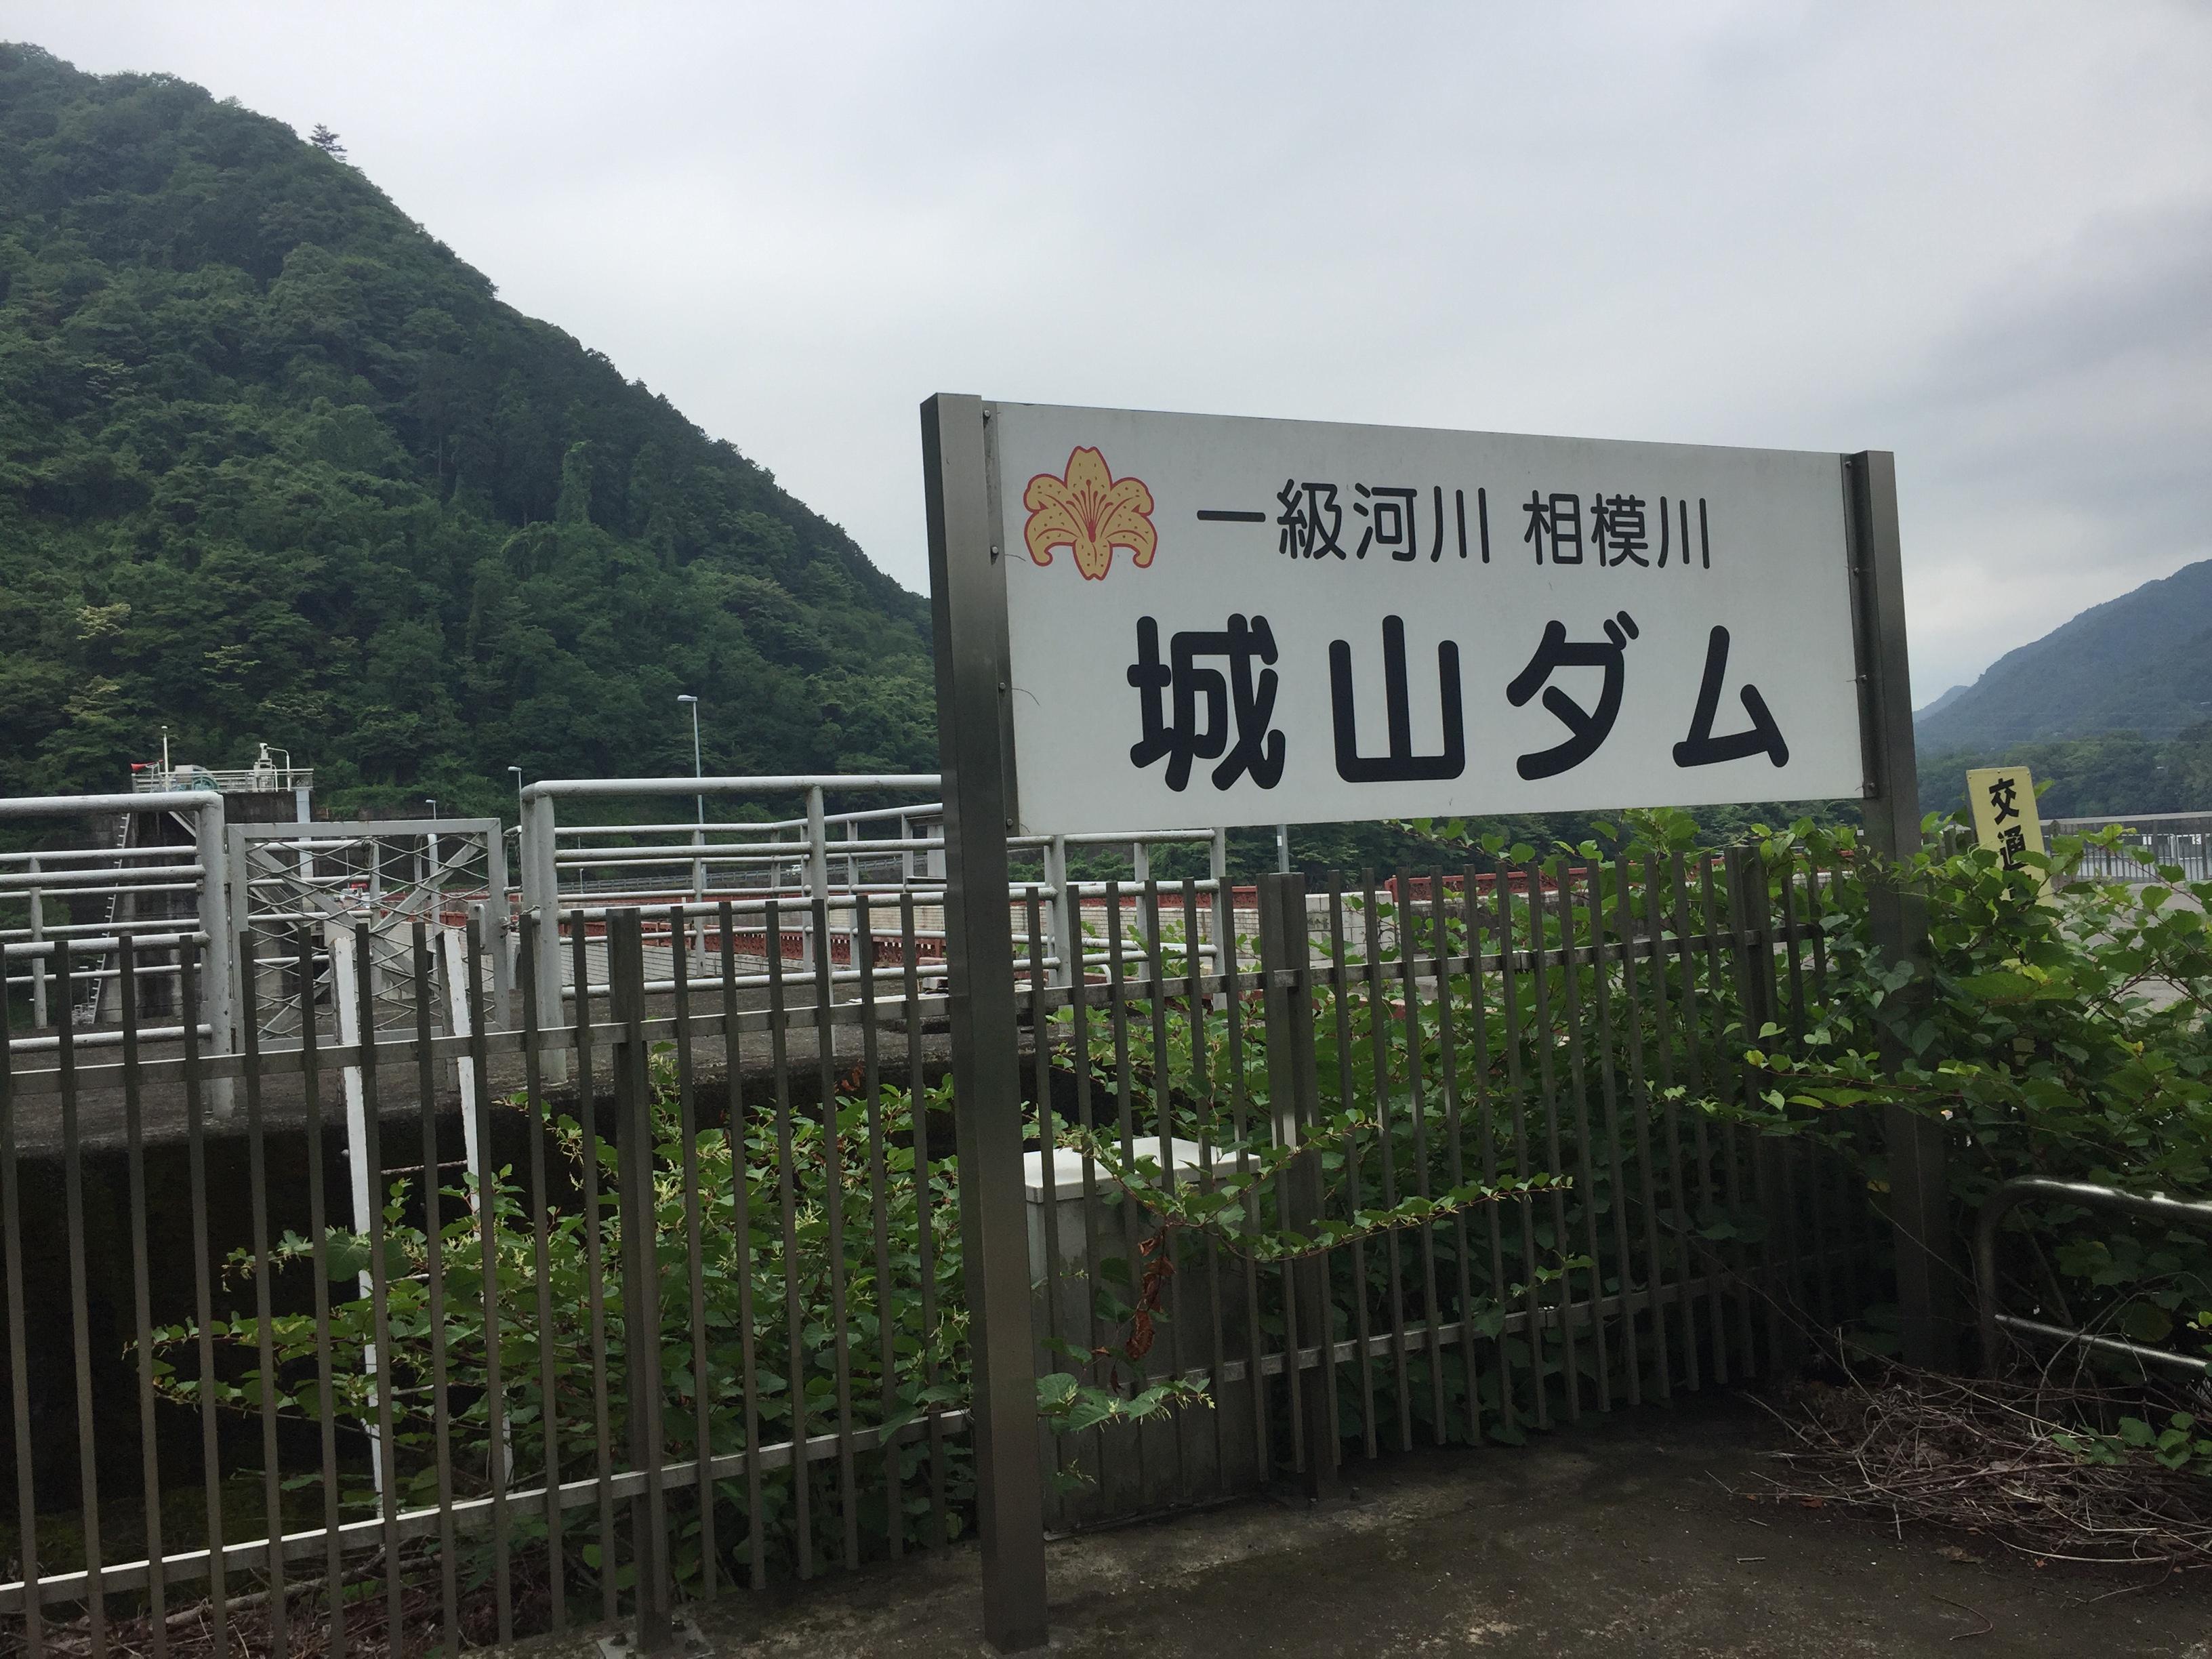 城山ダム展望台の写真